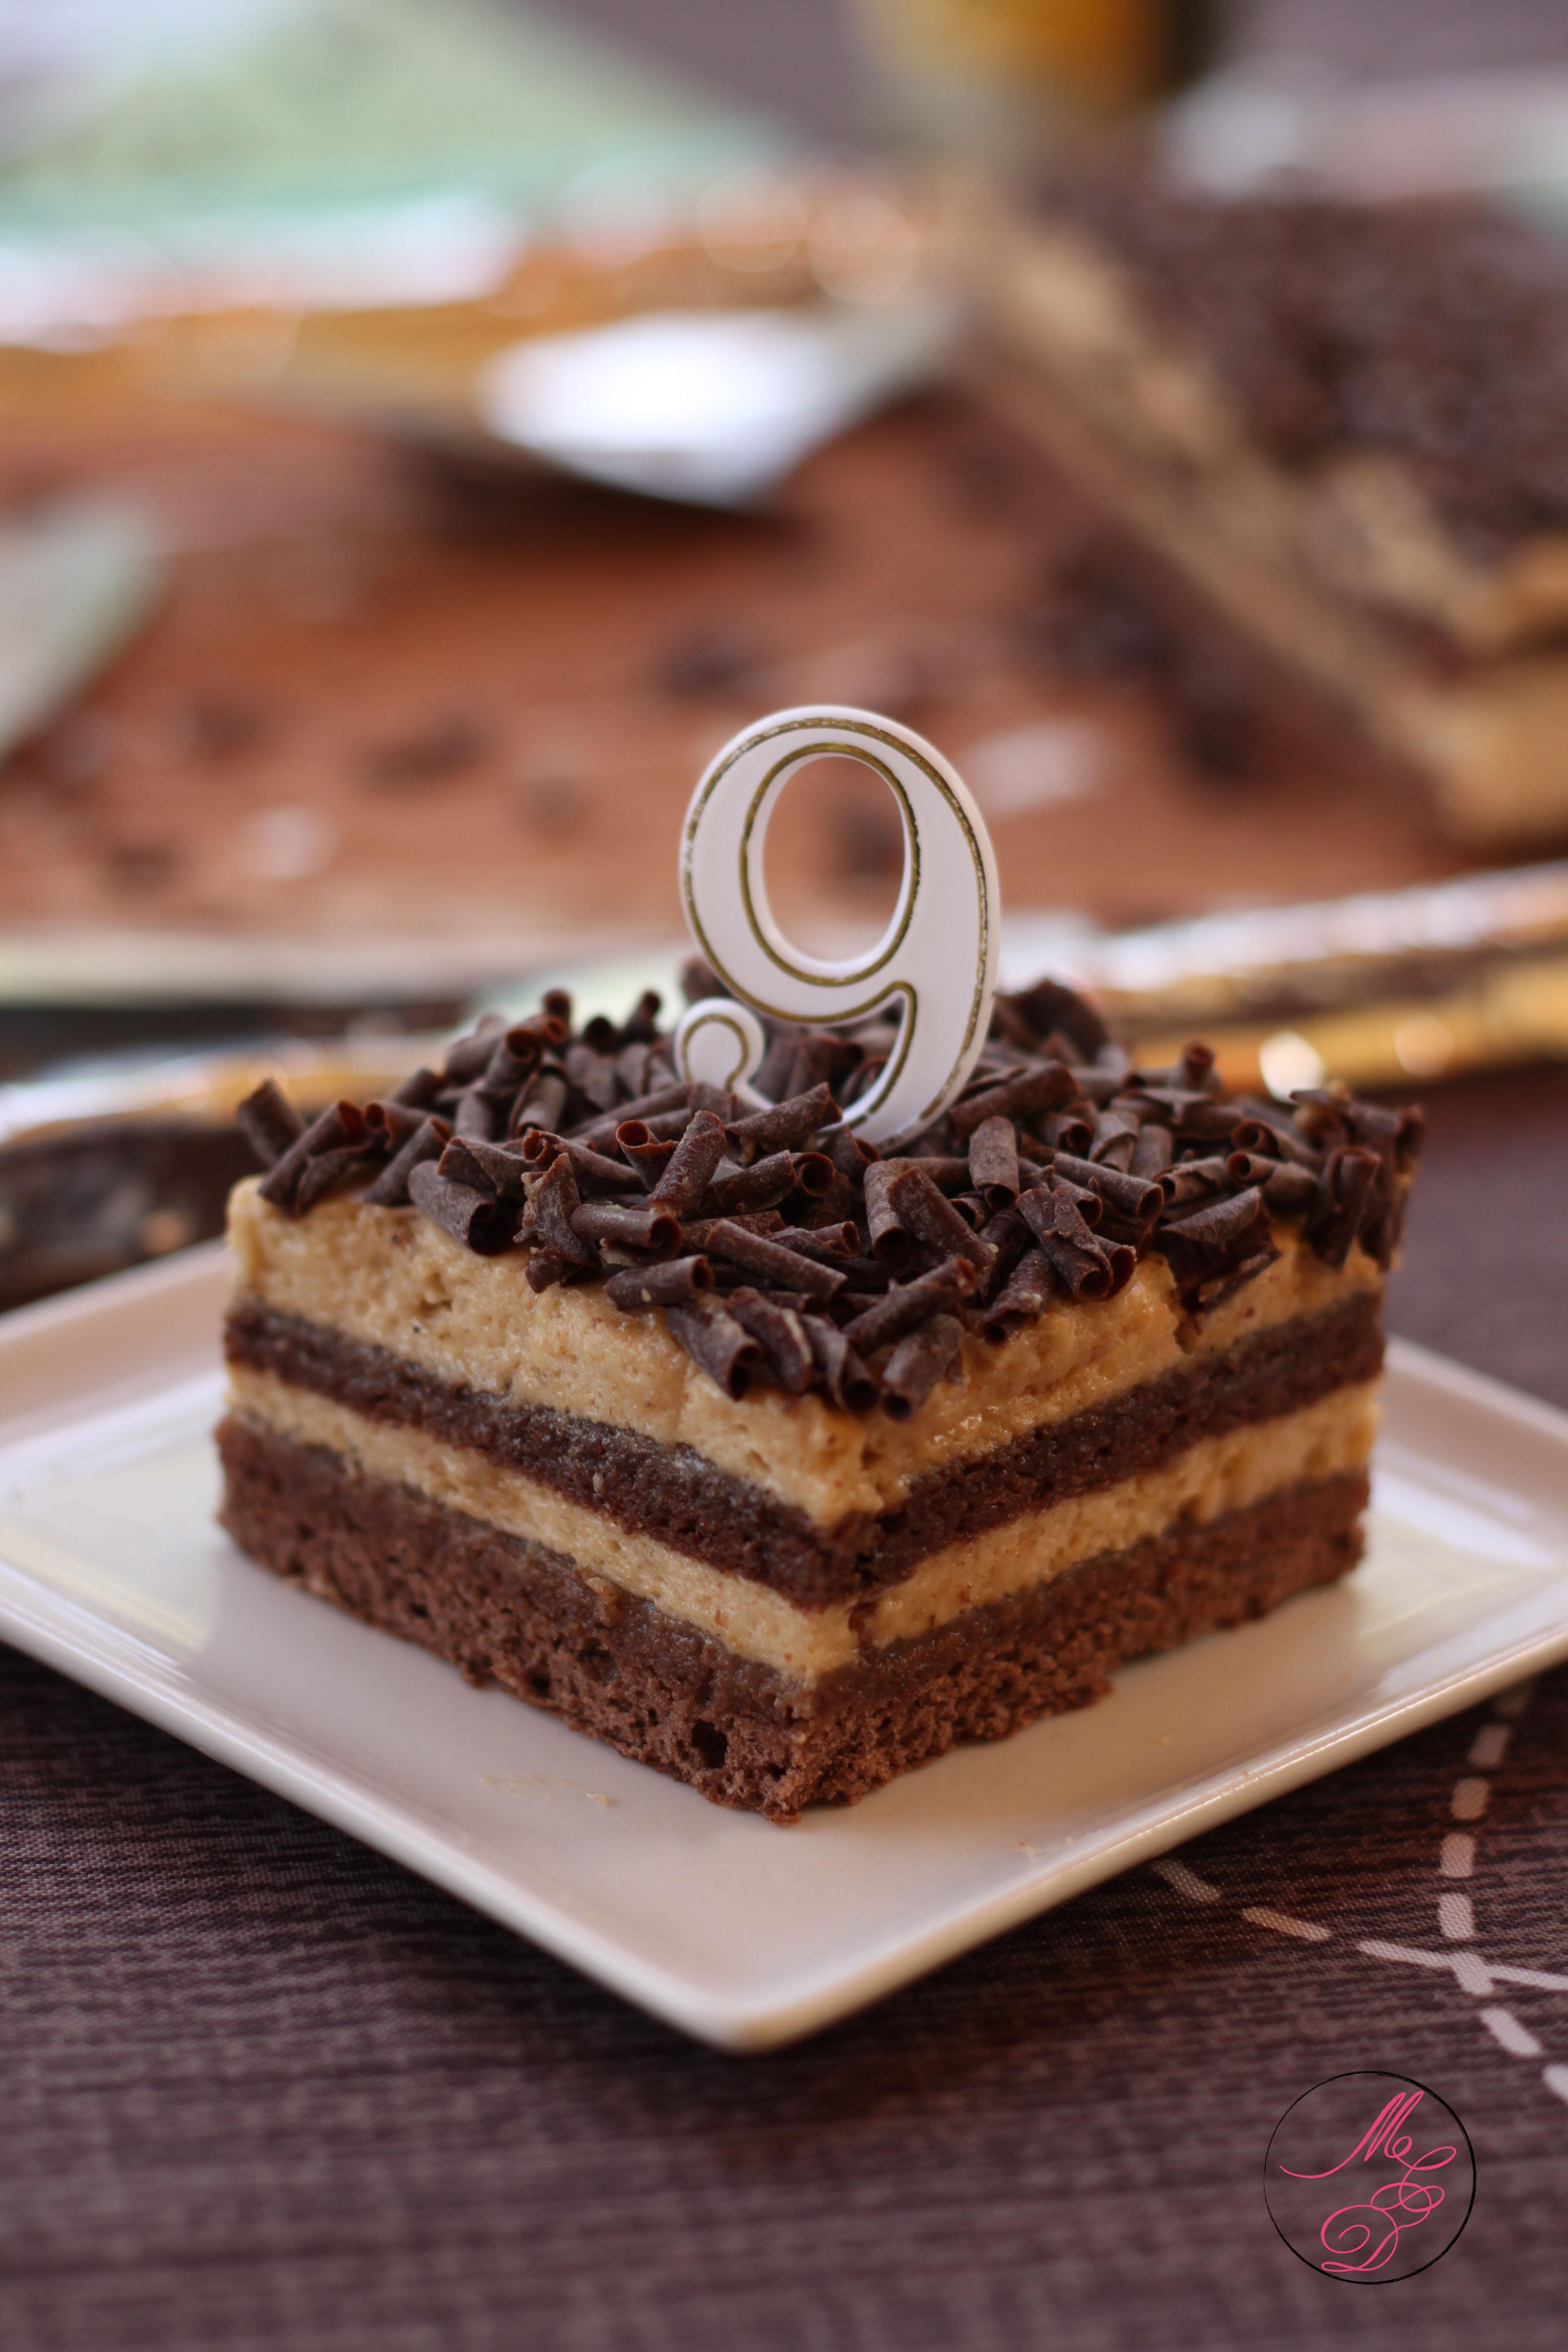 Gateau rectangulaire mousse chocolat